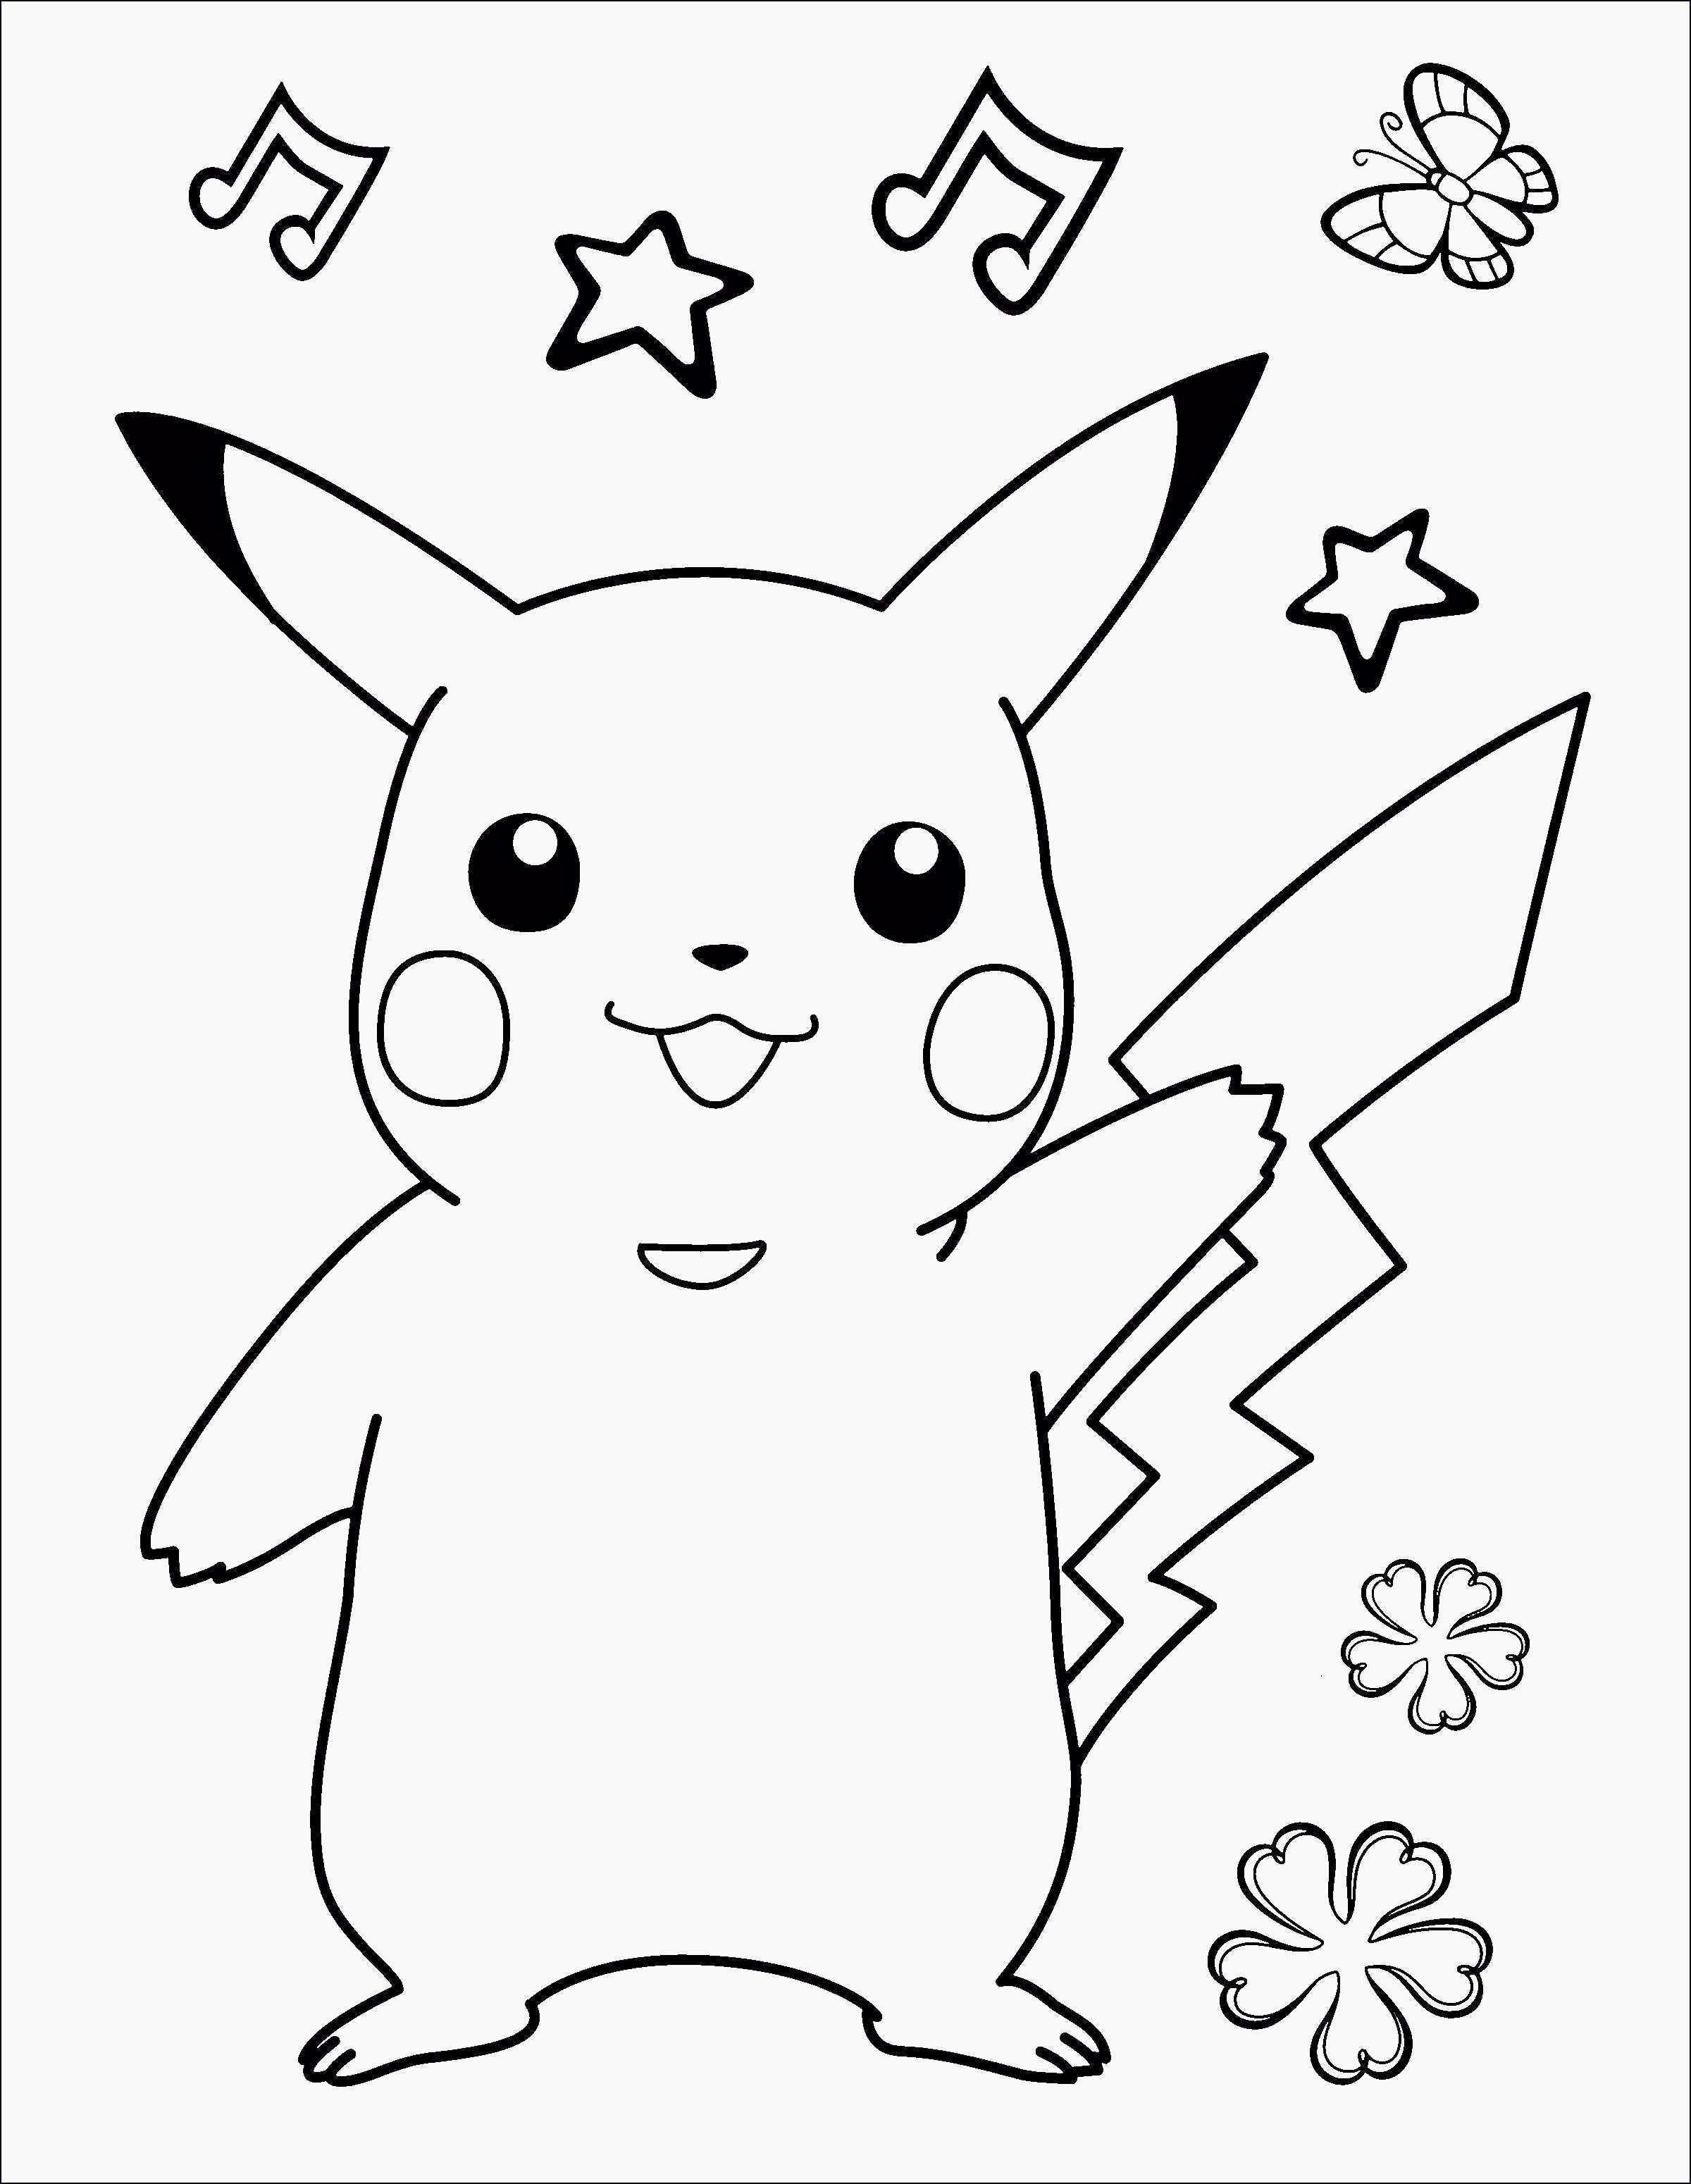 Neu Malvorlagen Zum Ausdrucken Pdf Pokemon coloring